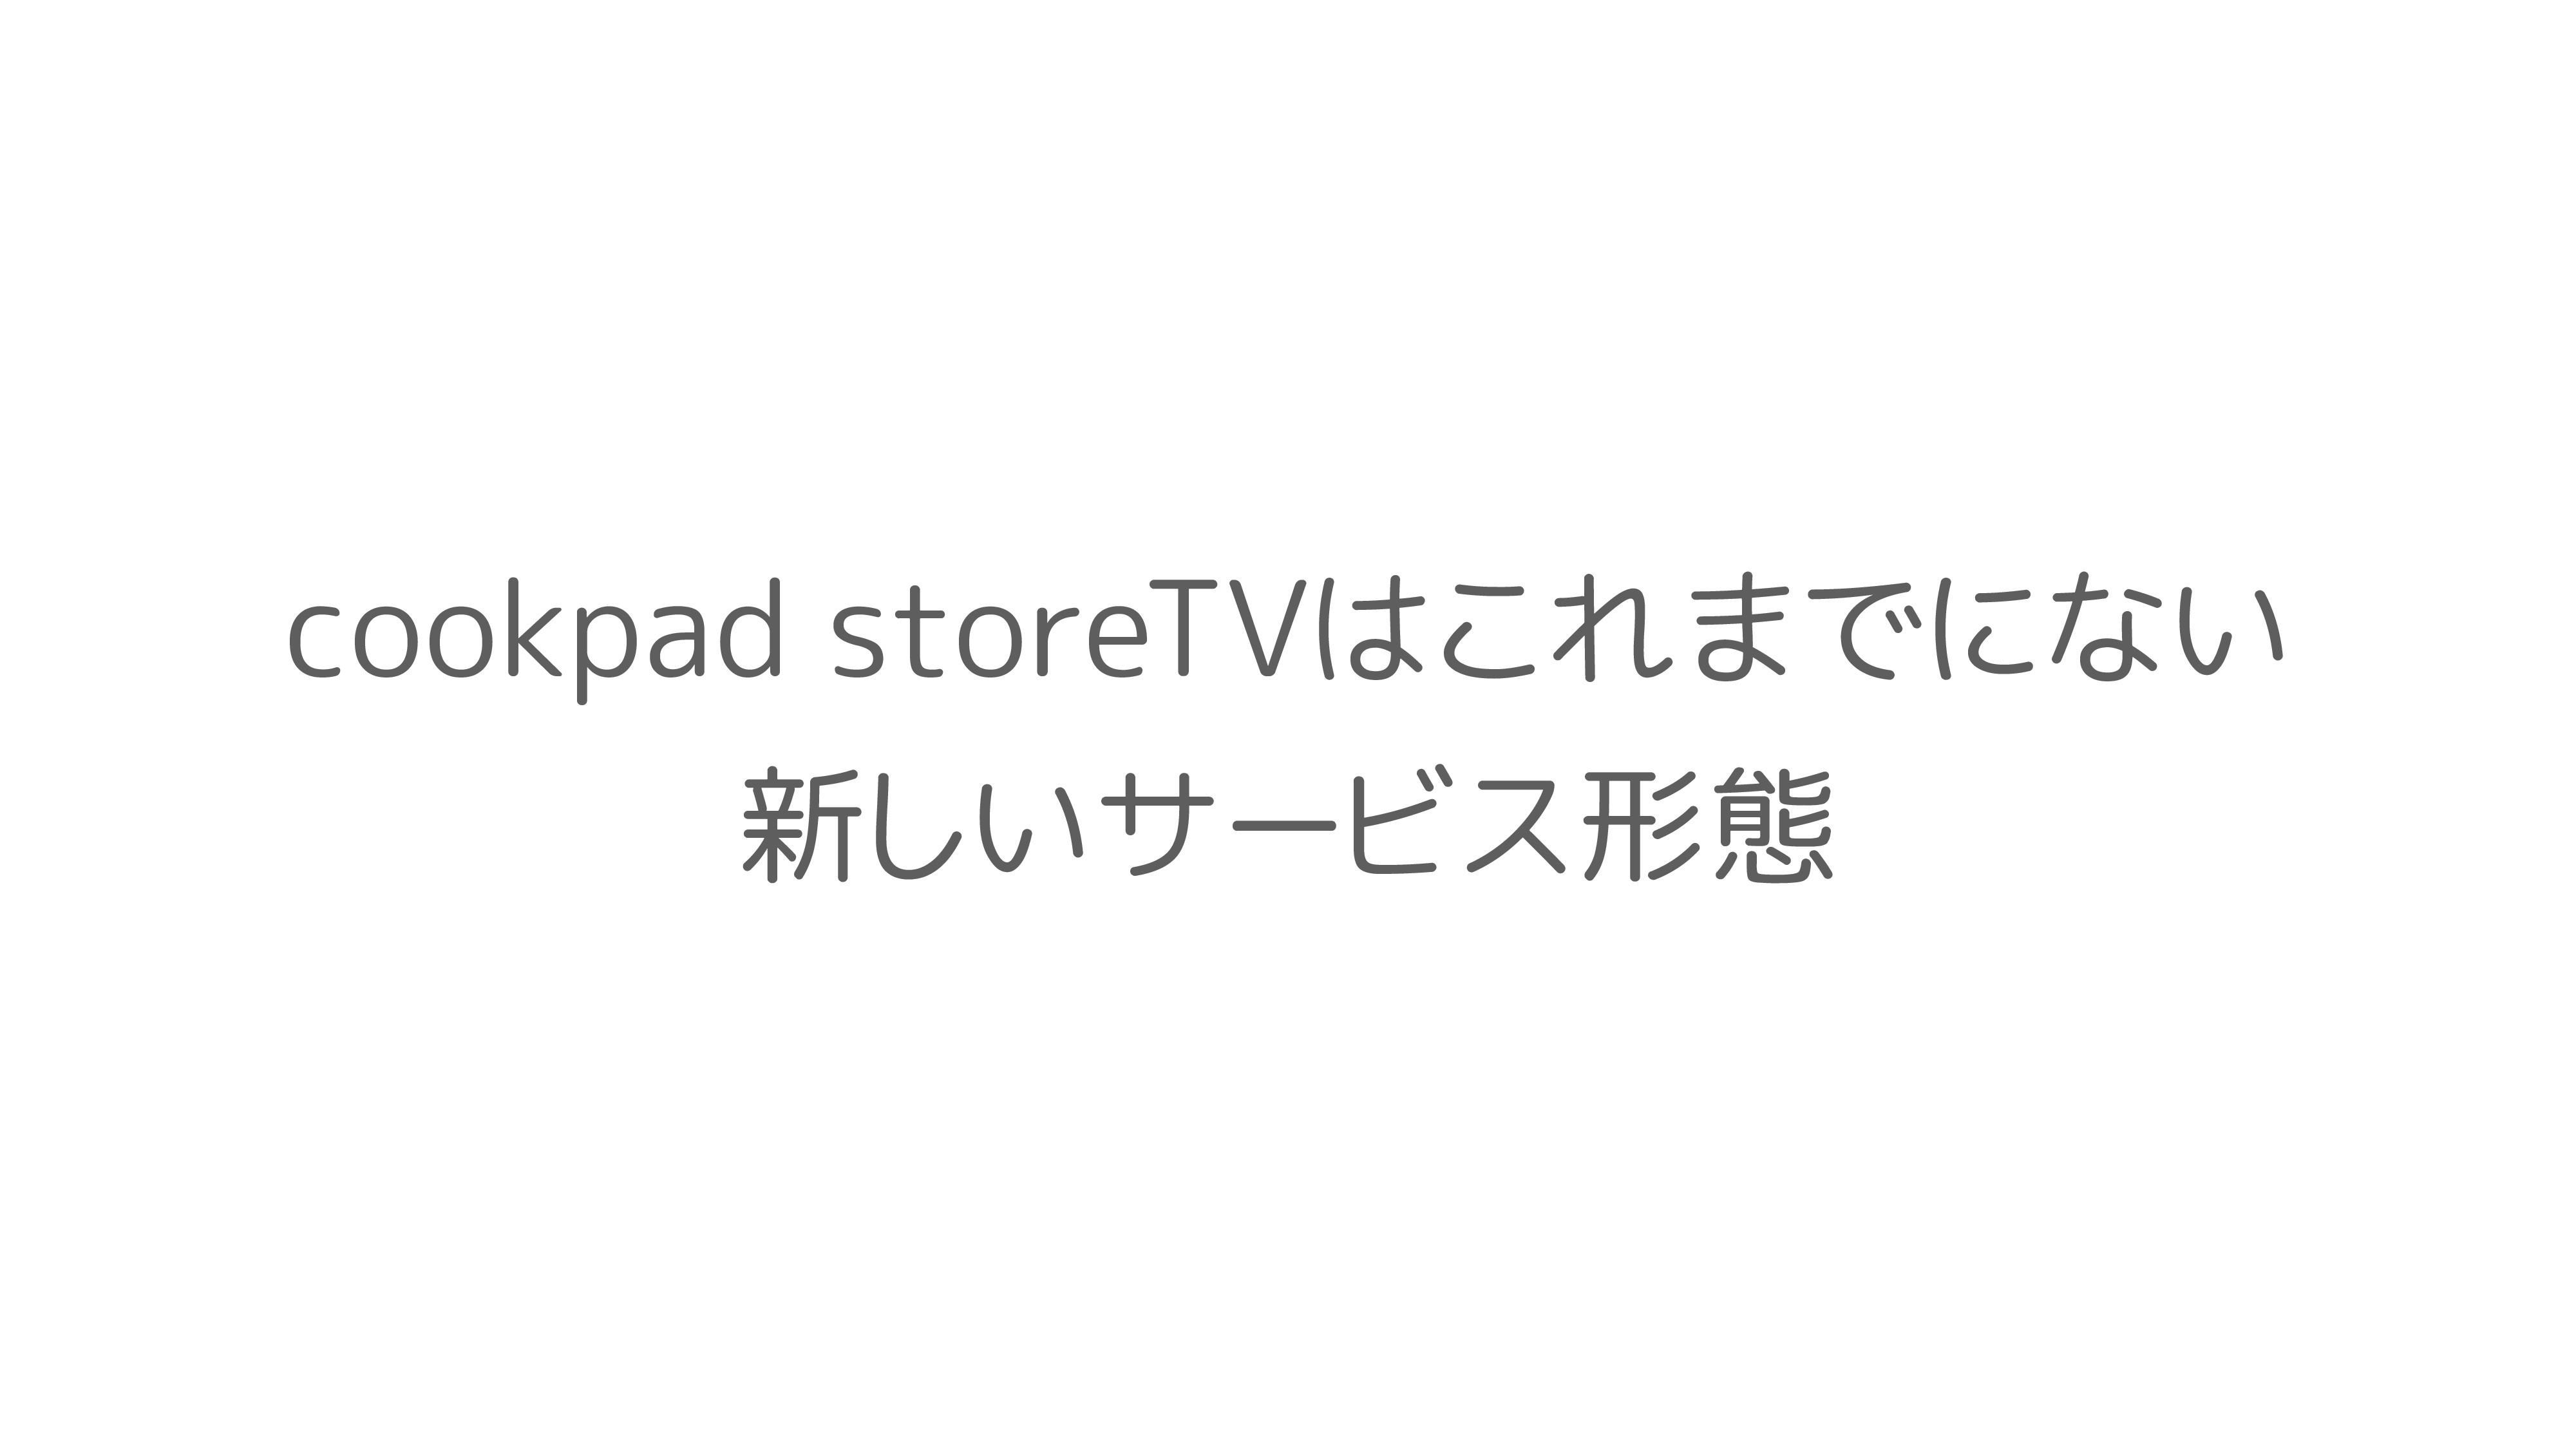 cookpad storeTVはこれまでにない 新しいサービス形態